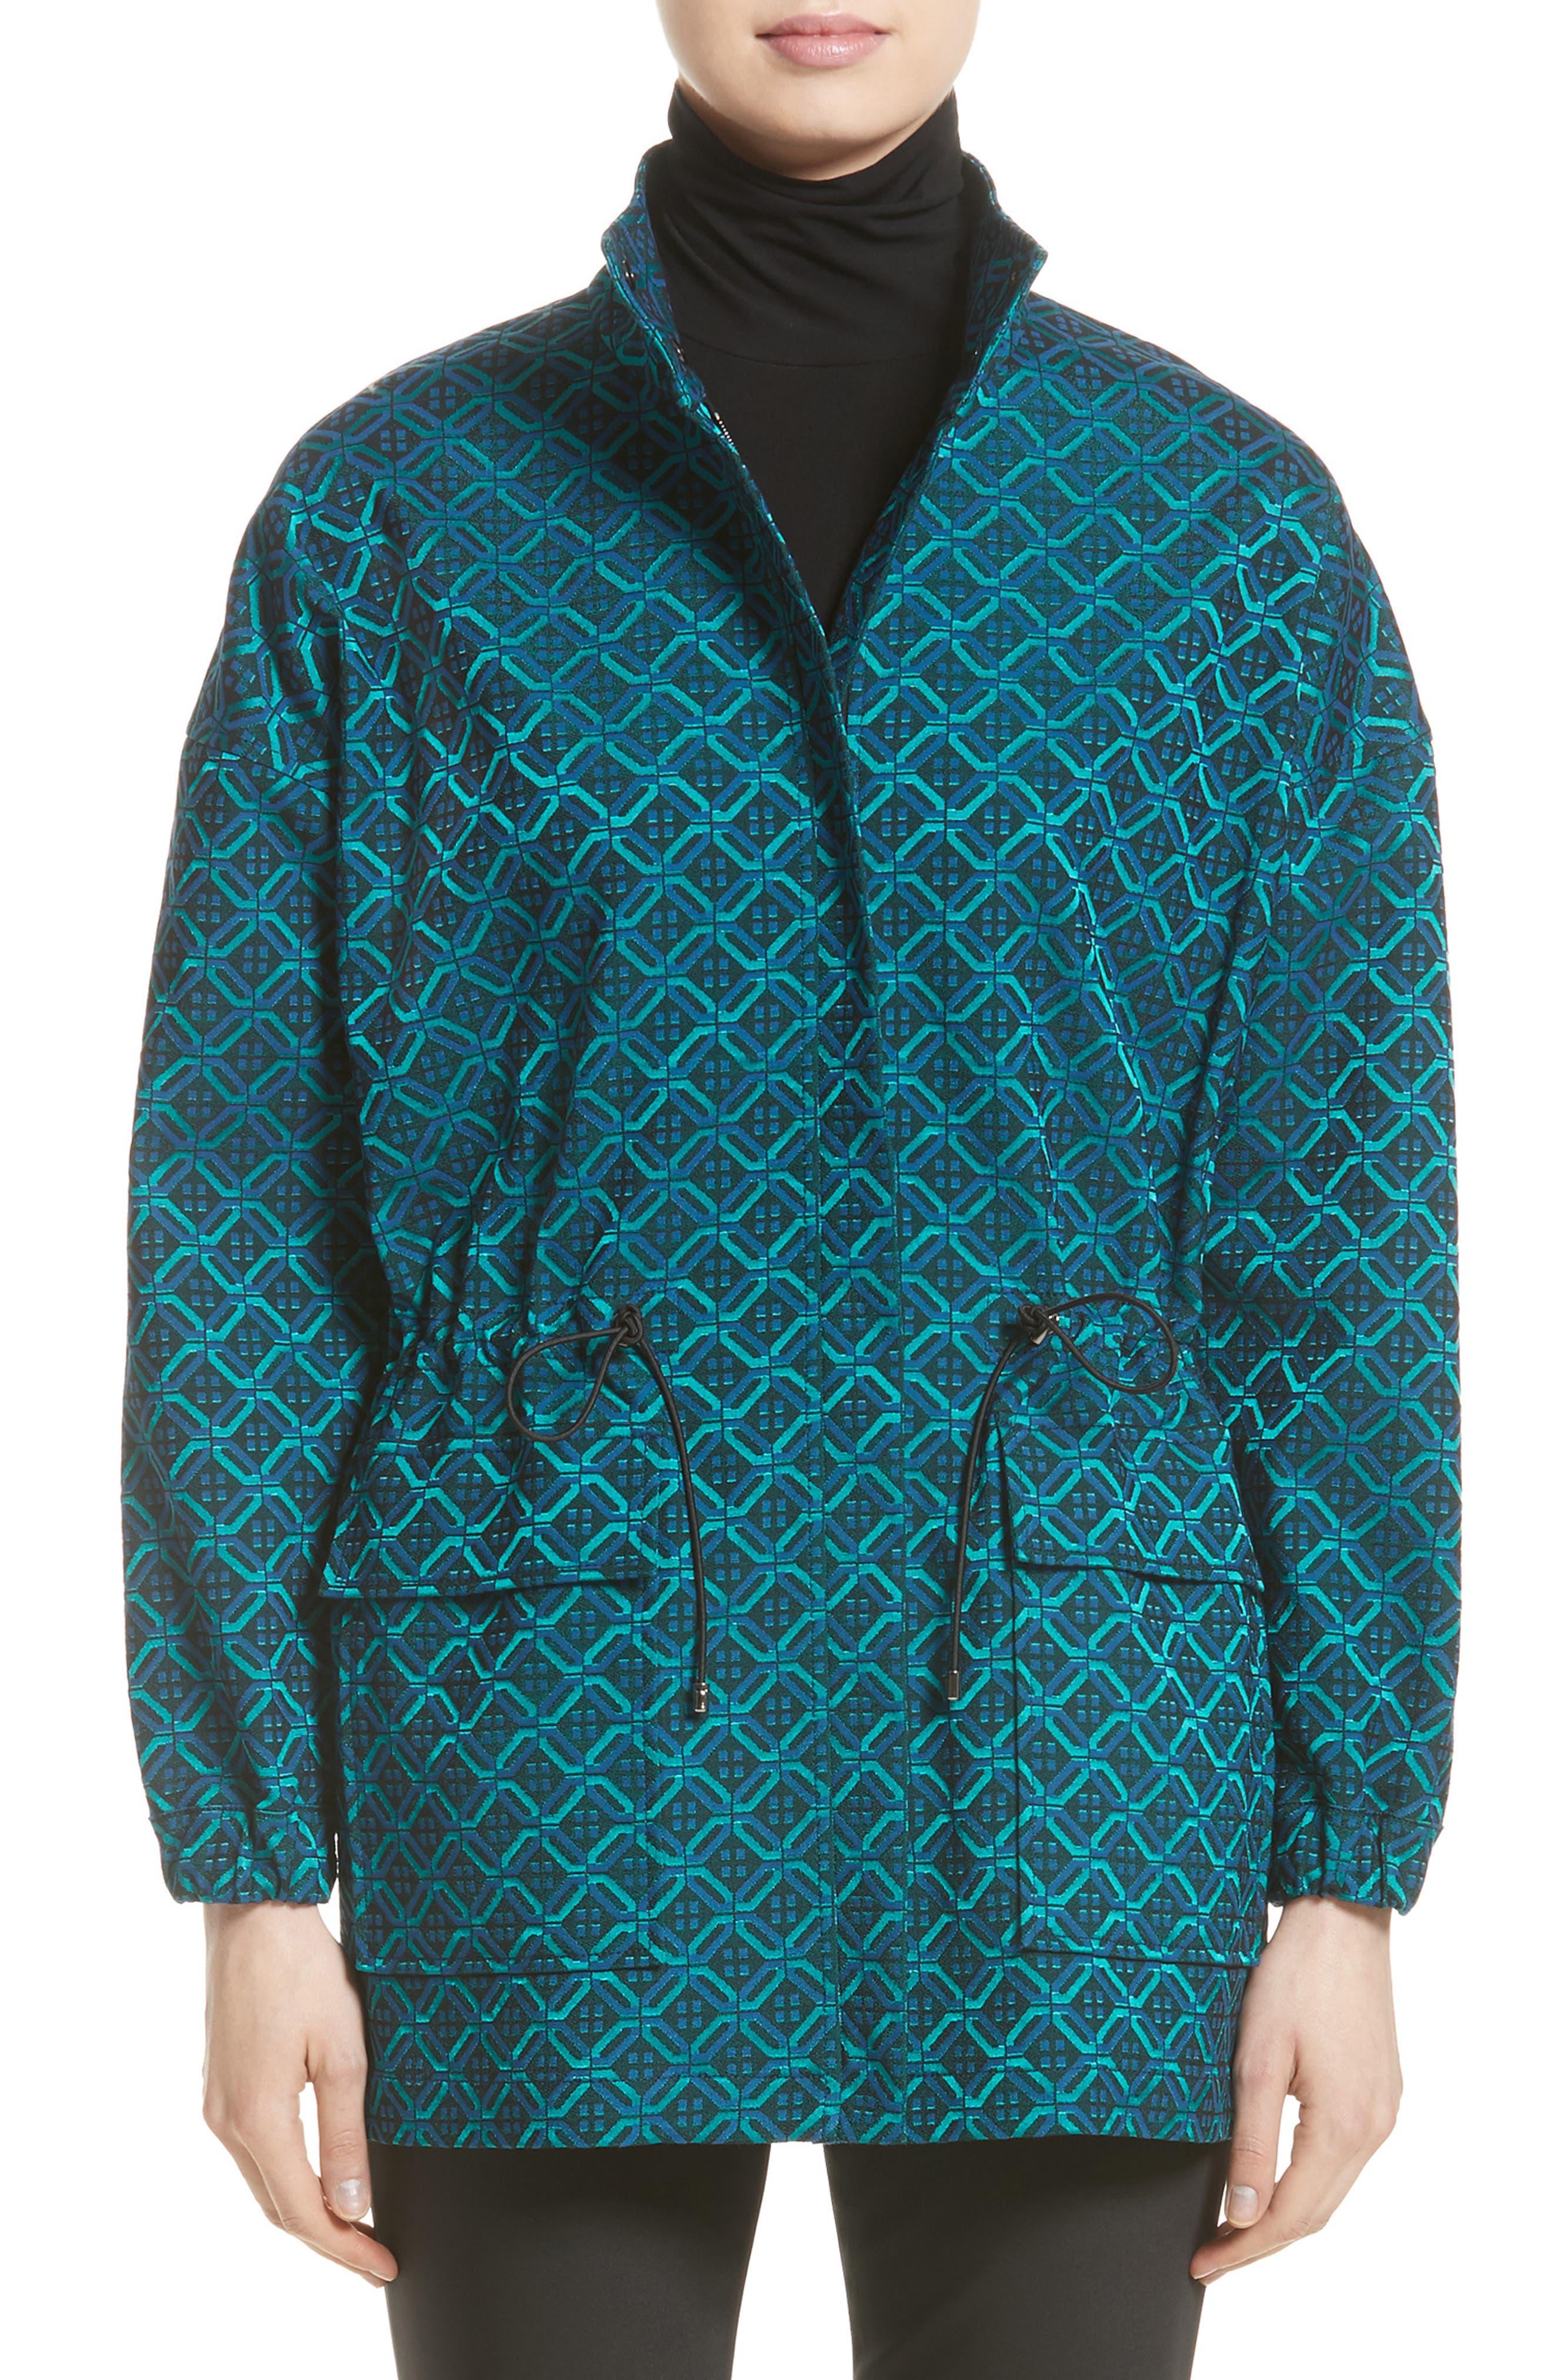 Alternate Image 1 Selected - St. John Collection Tile Jacquard Funnel Neck Jacket